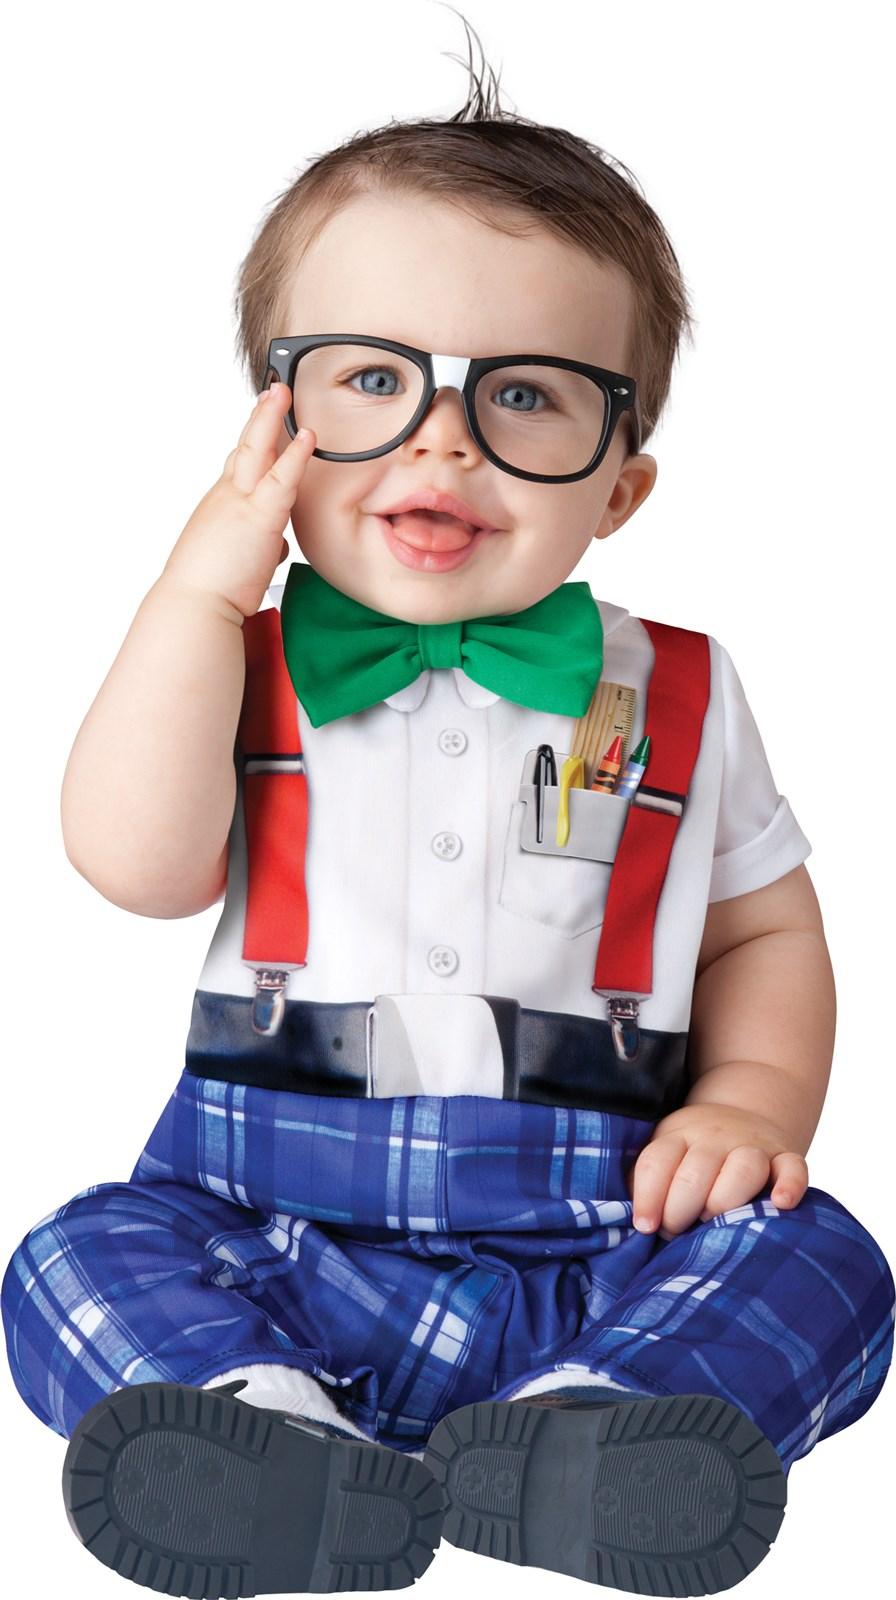 Nursery Nerd Costume For Babies